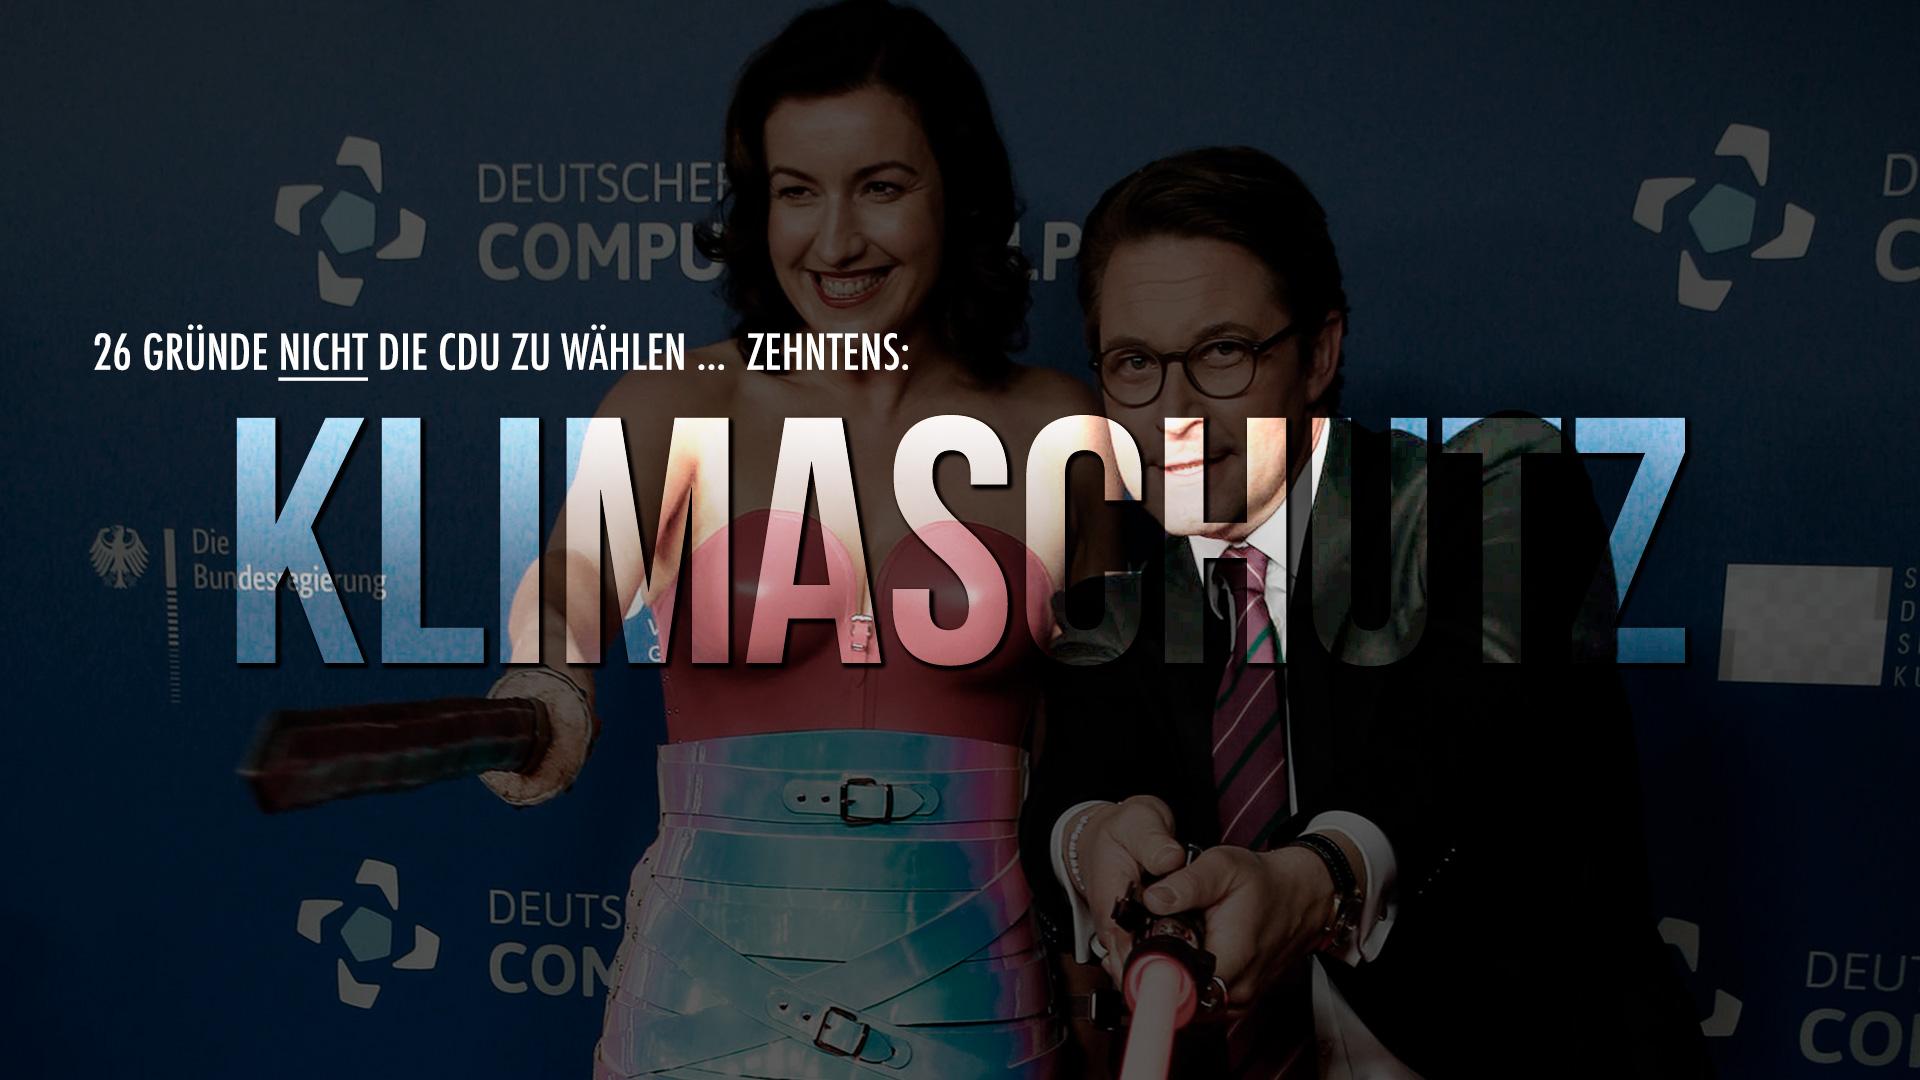 26 Gründe nicht die CDU zu wählen … Zehntens: Klimaschutz